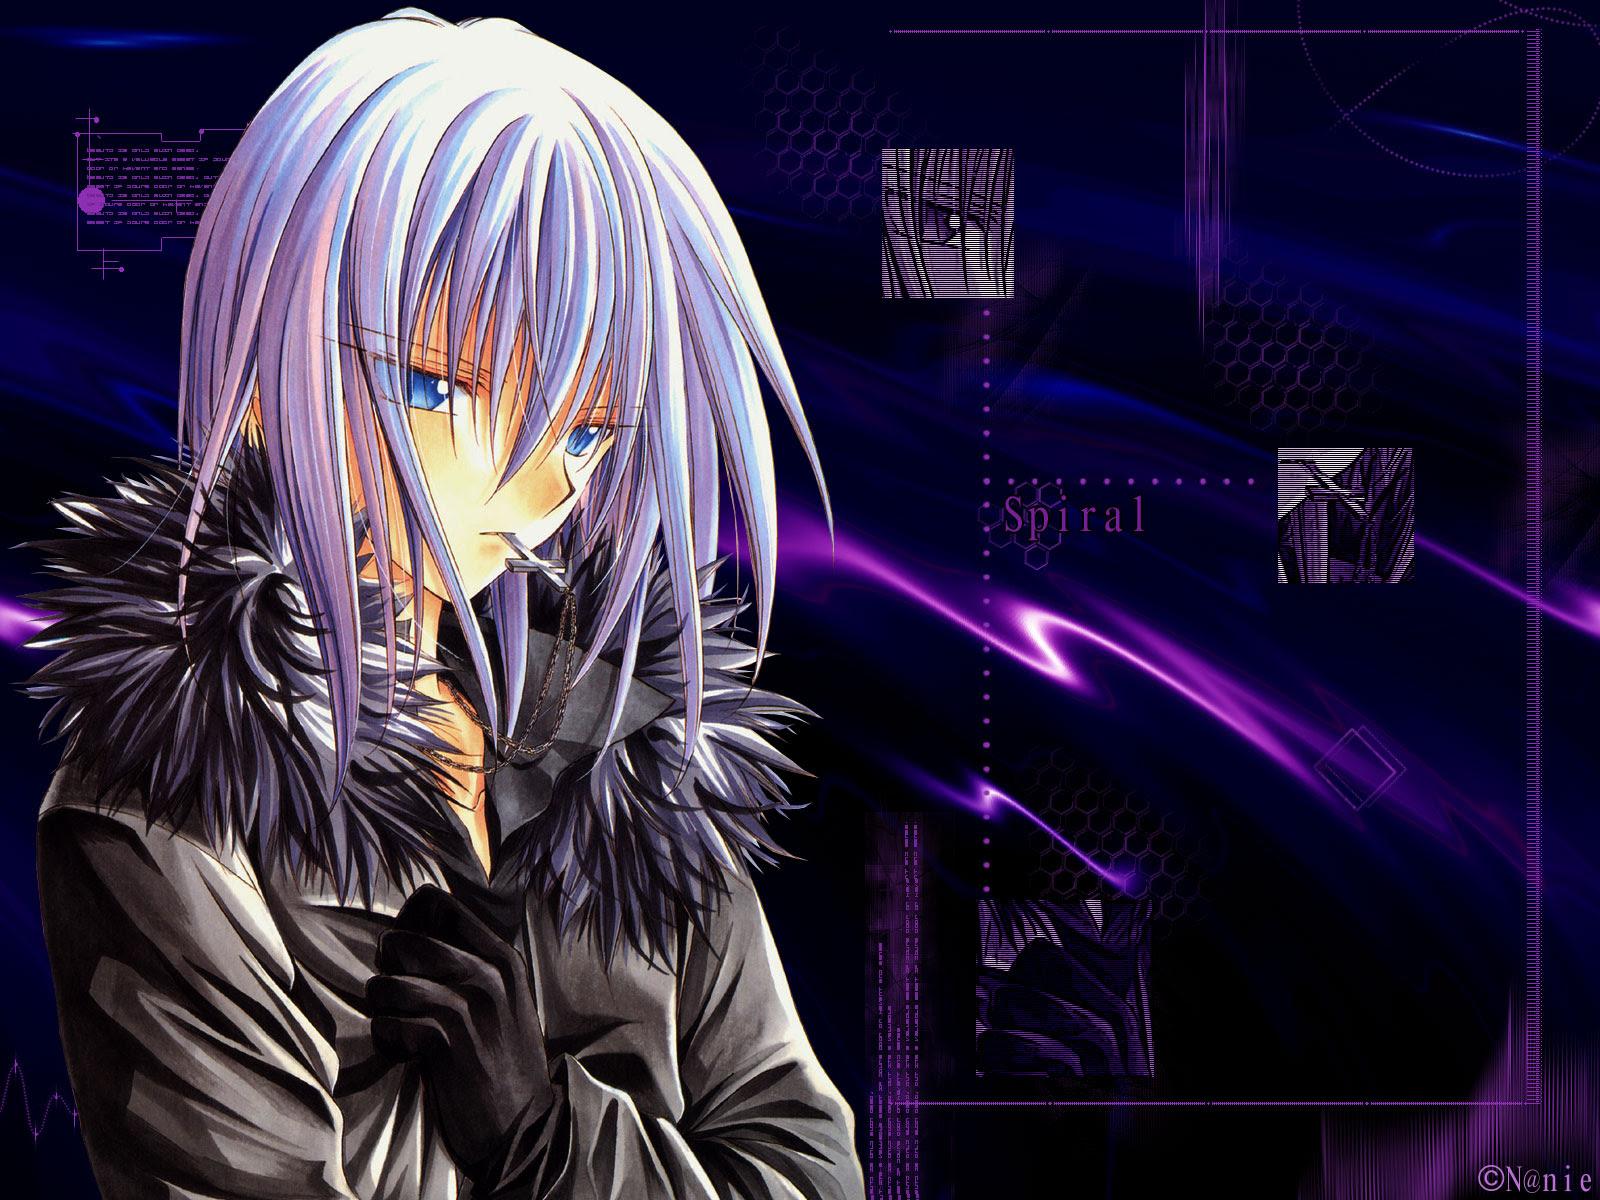 Cool Anime  Wallpapers for Desktop WallpaperSafari